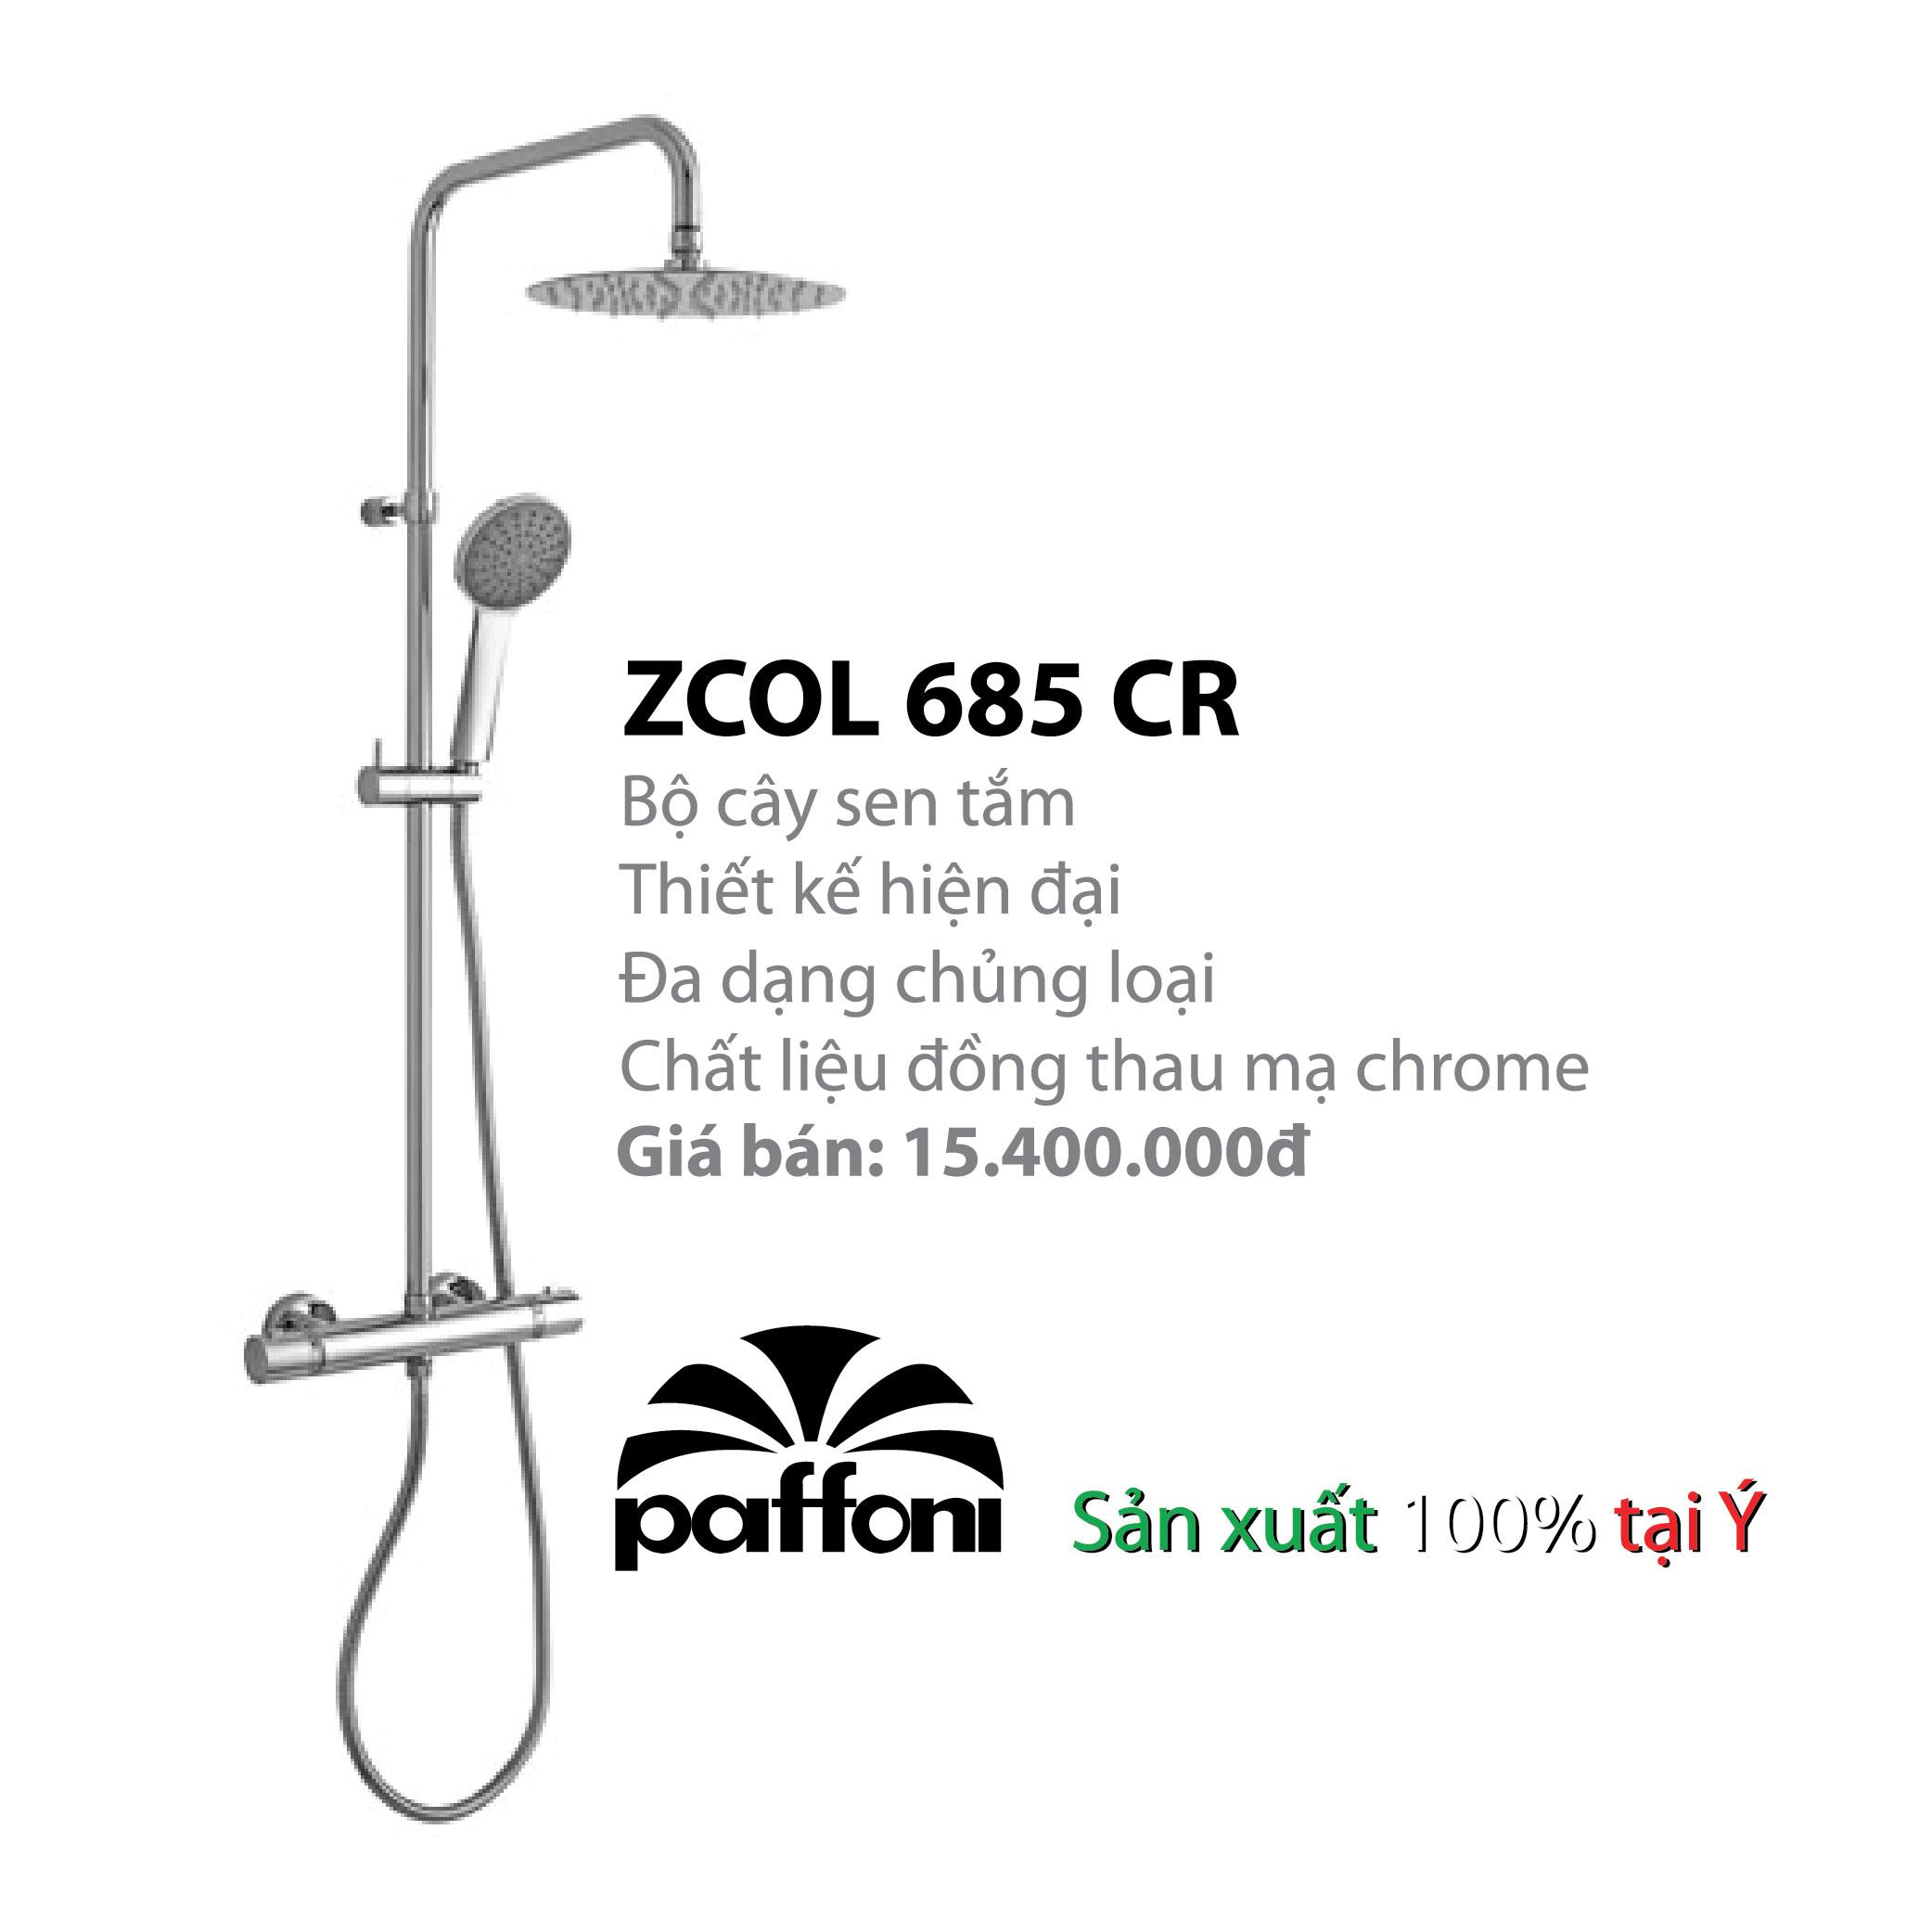 VÒI CÂY SEN NÓNG LẠNH PAFFONI ZCOL685CR (Vòi cây sen model:ZCOL685CR)